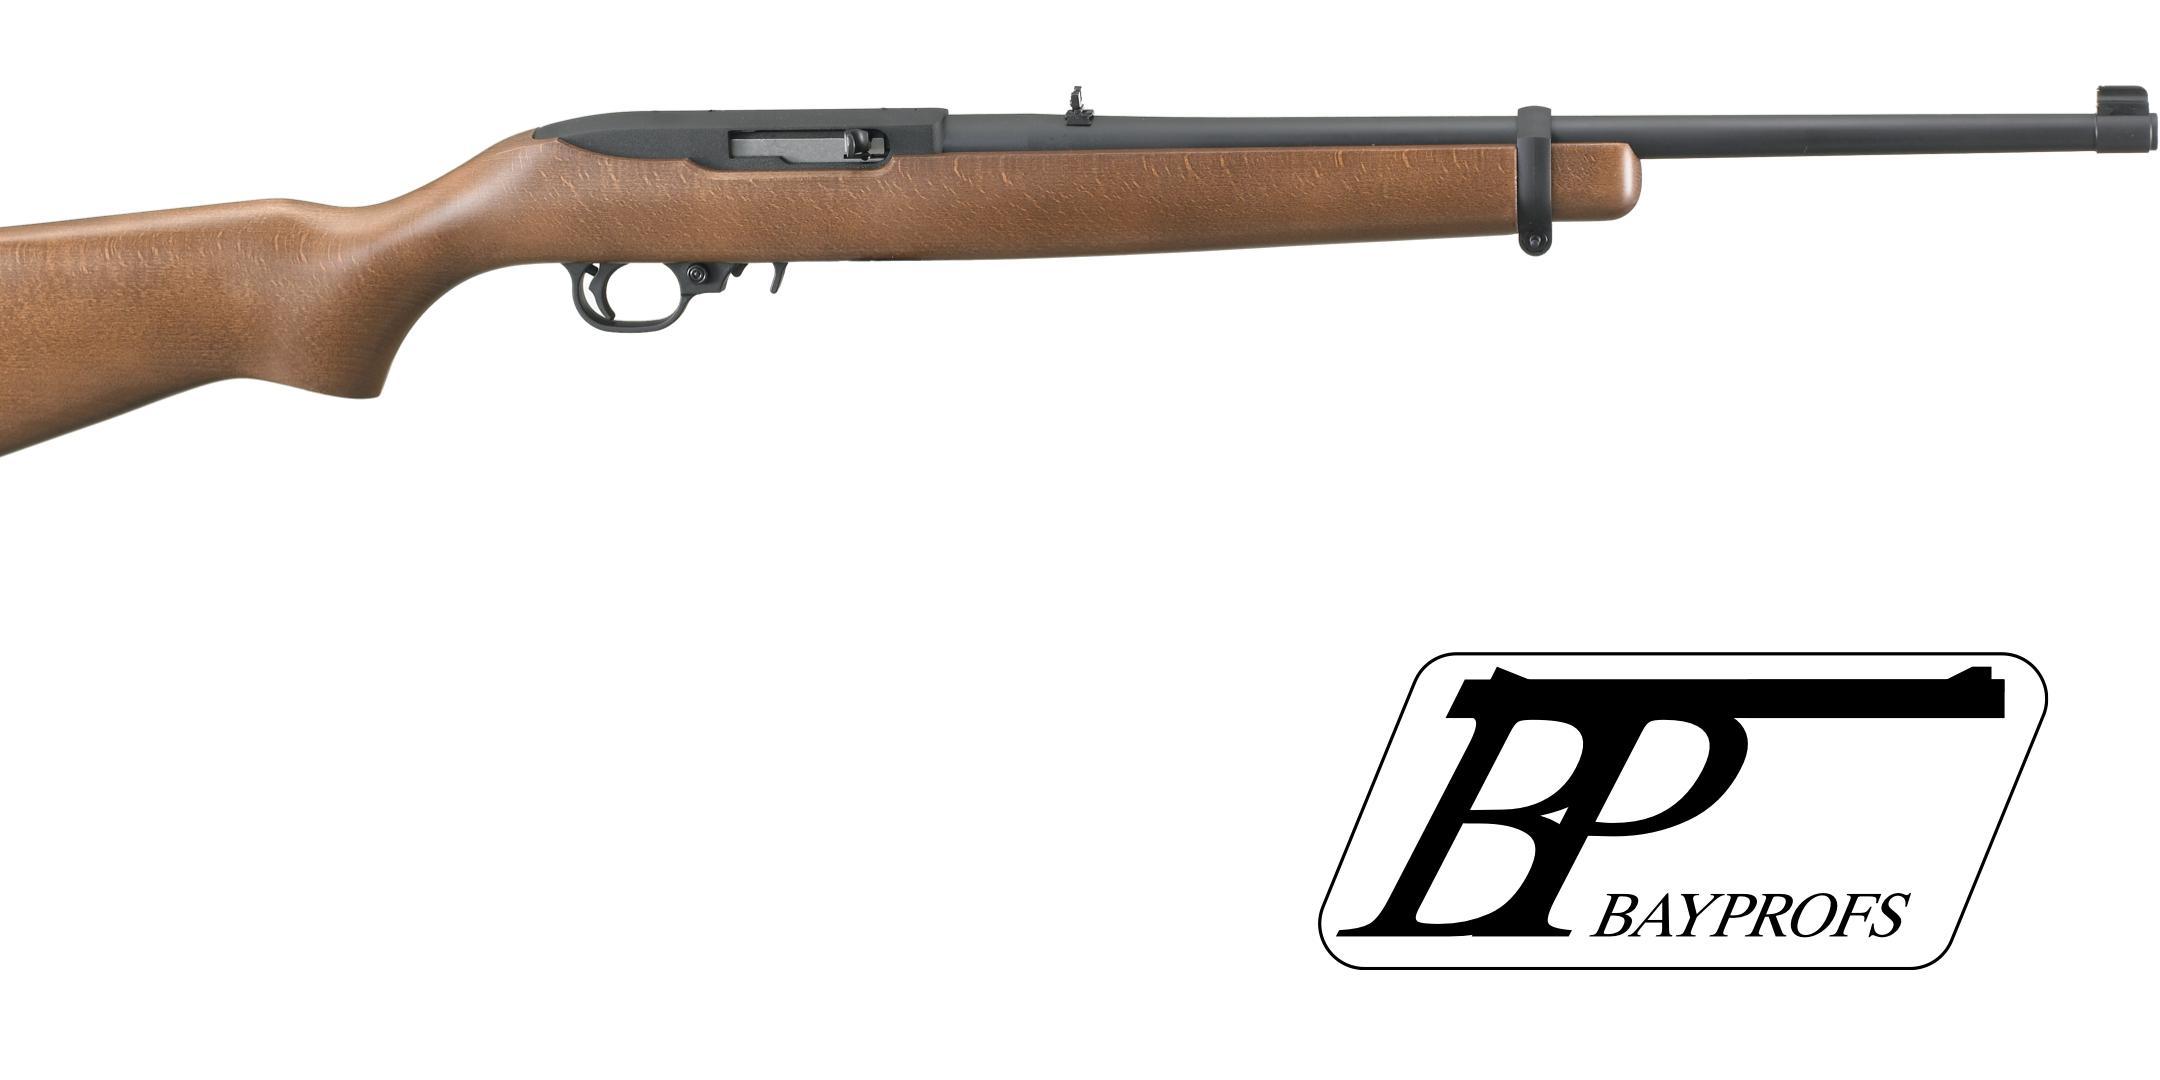 Bayprofs NRA Basics of Rifle Shooting Class